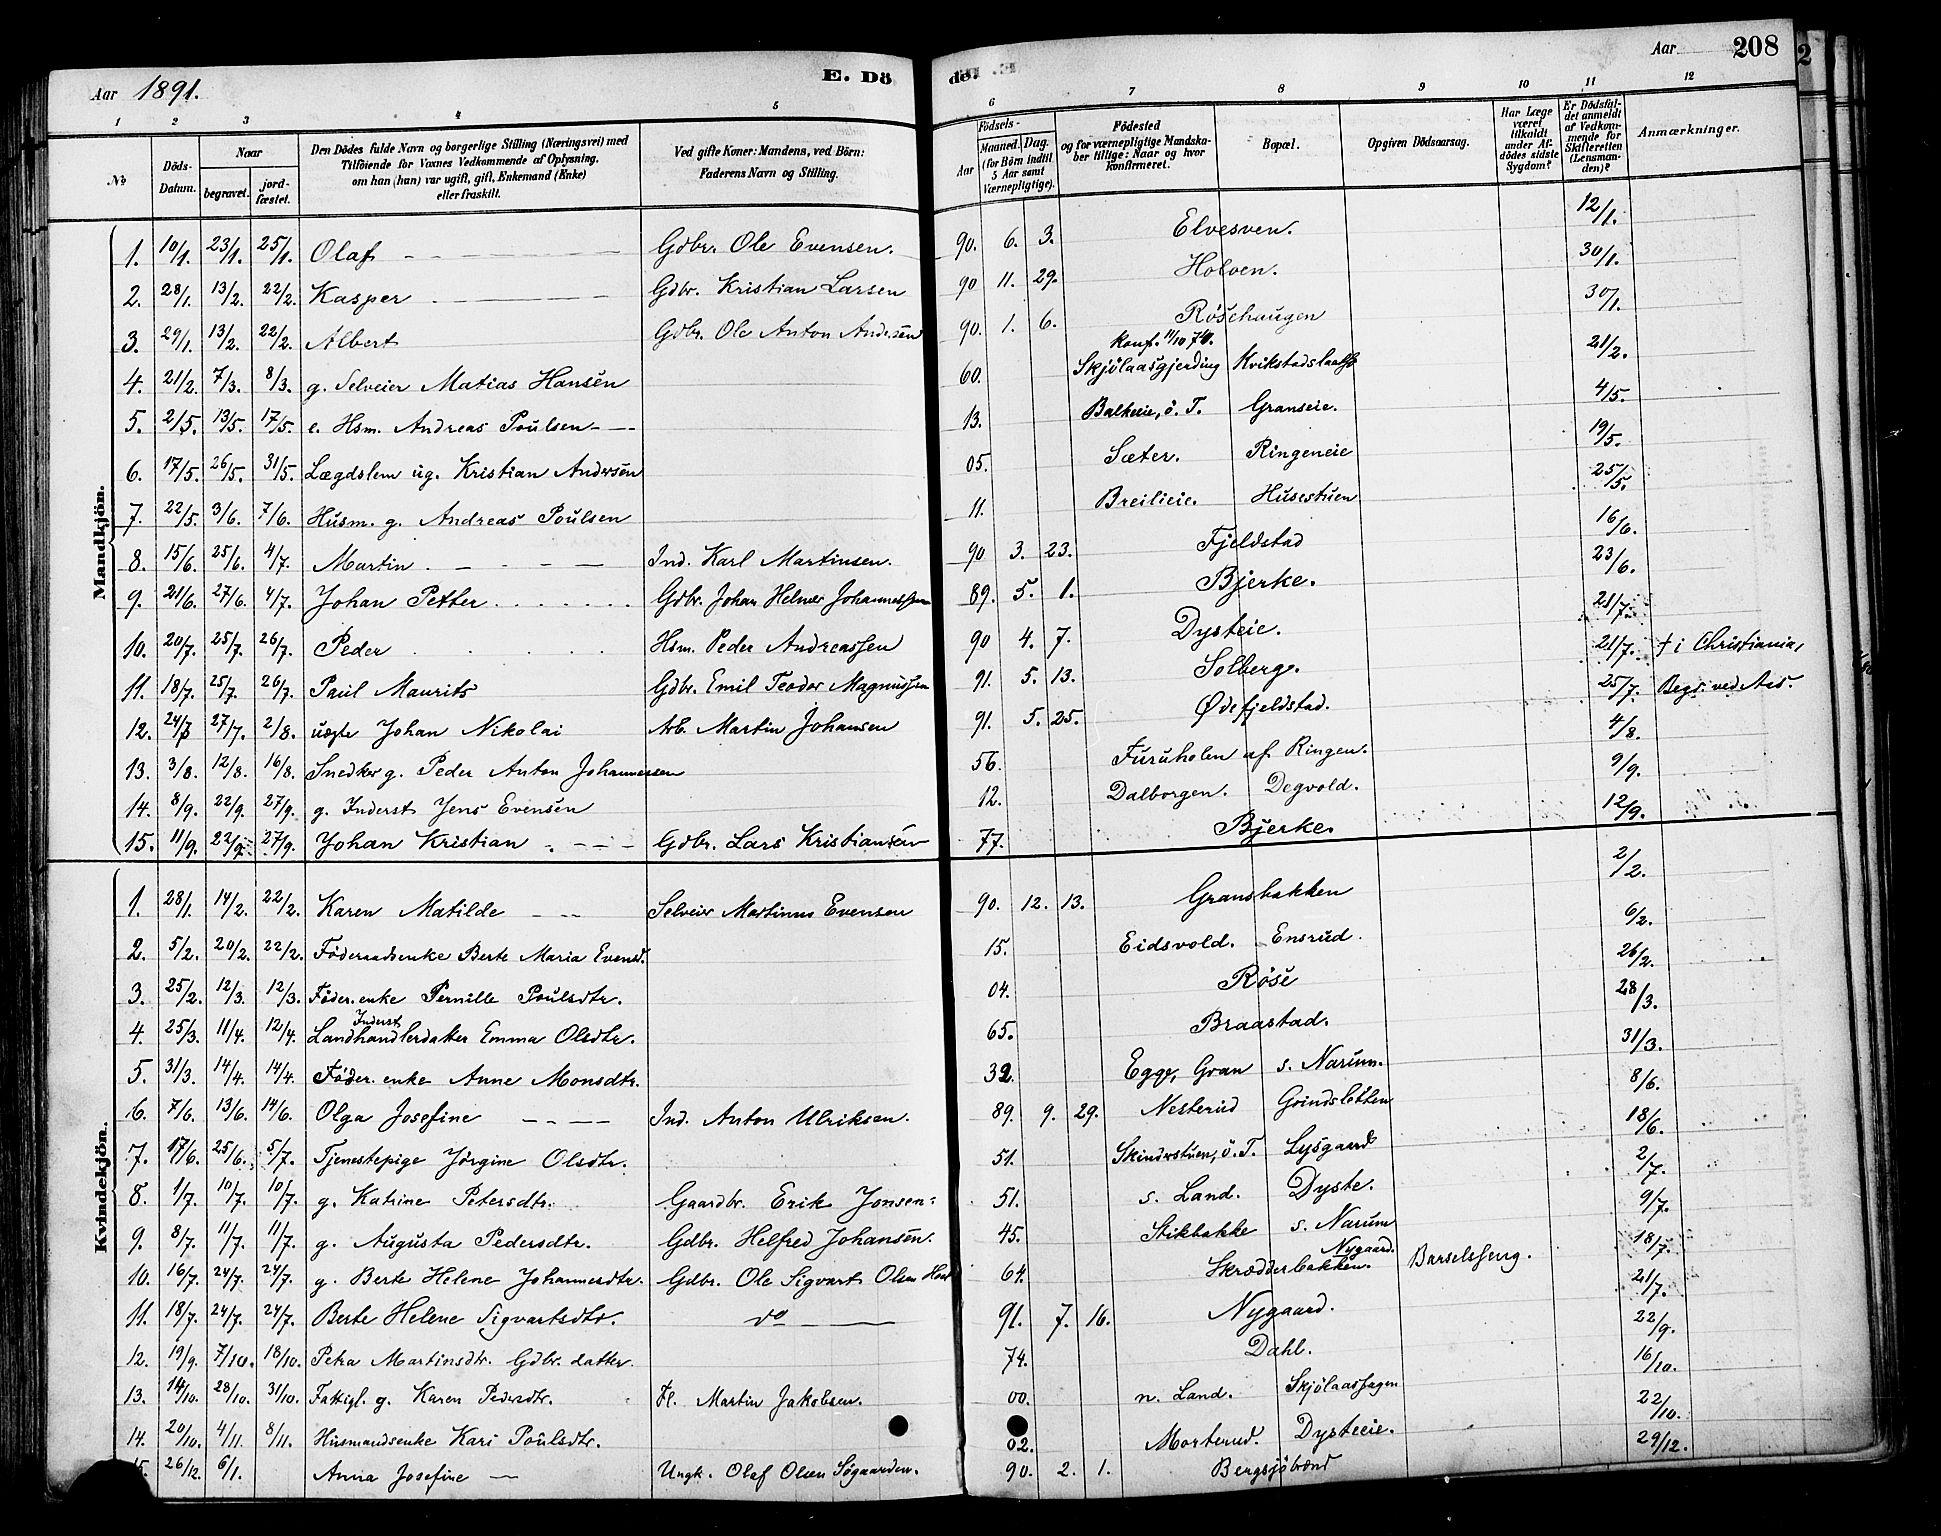 SAH, Vestre Toten prestekontor, Ministerialbok nr. 10, 1878-1894, s. 208